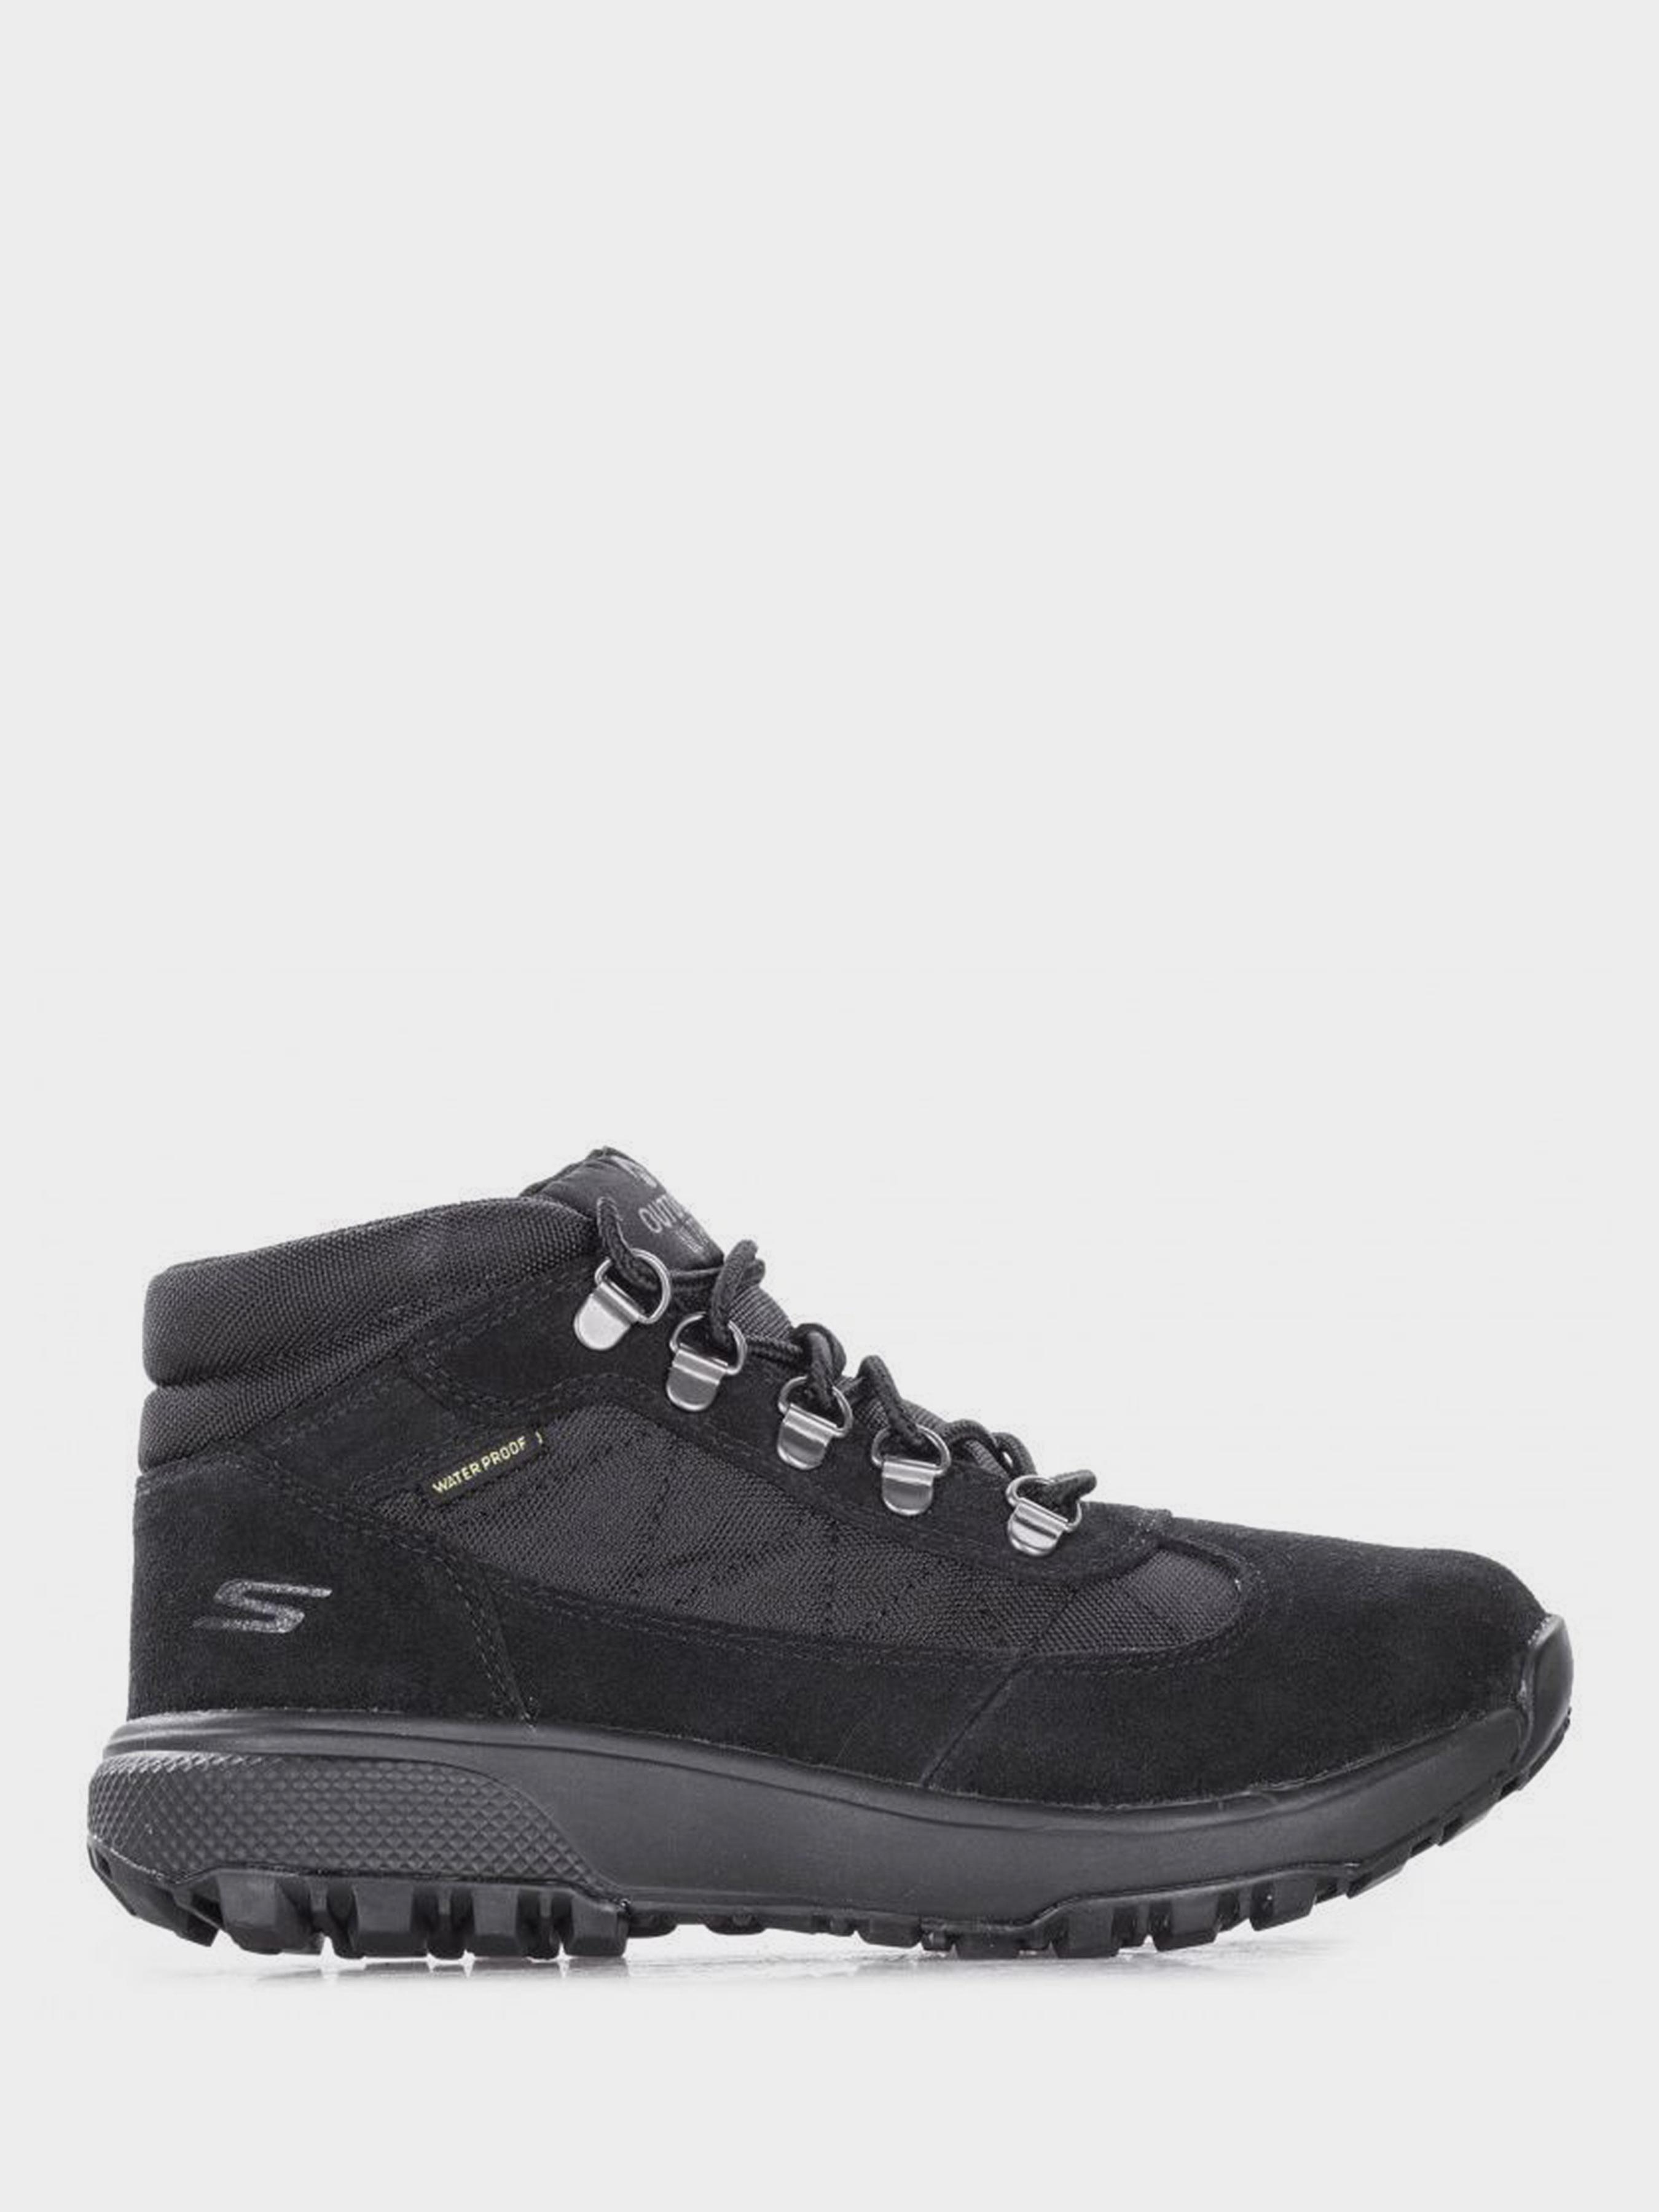 Купить Ботинки для женщин Skechers KW4659, Черный